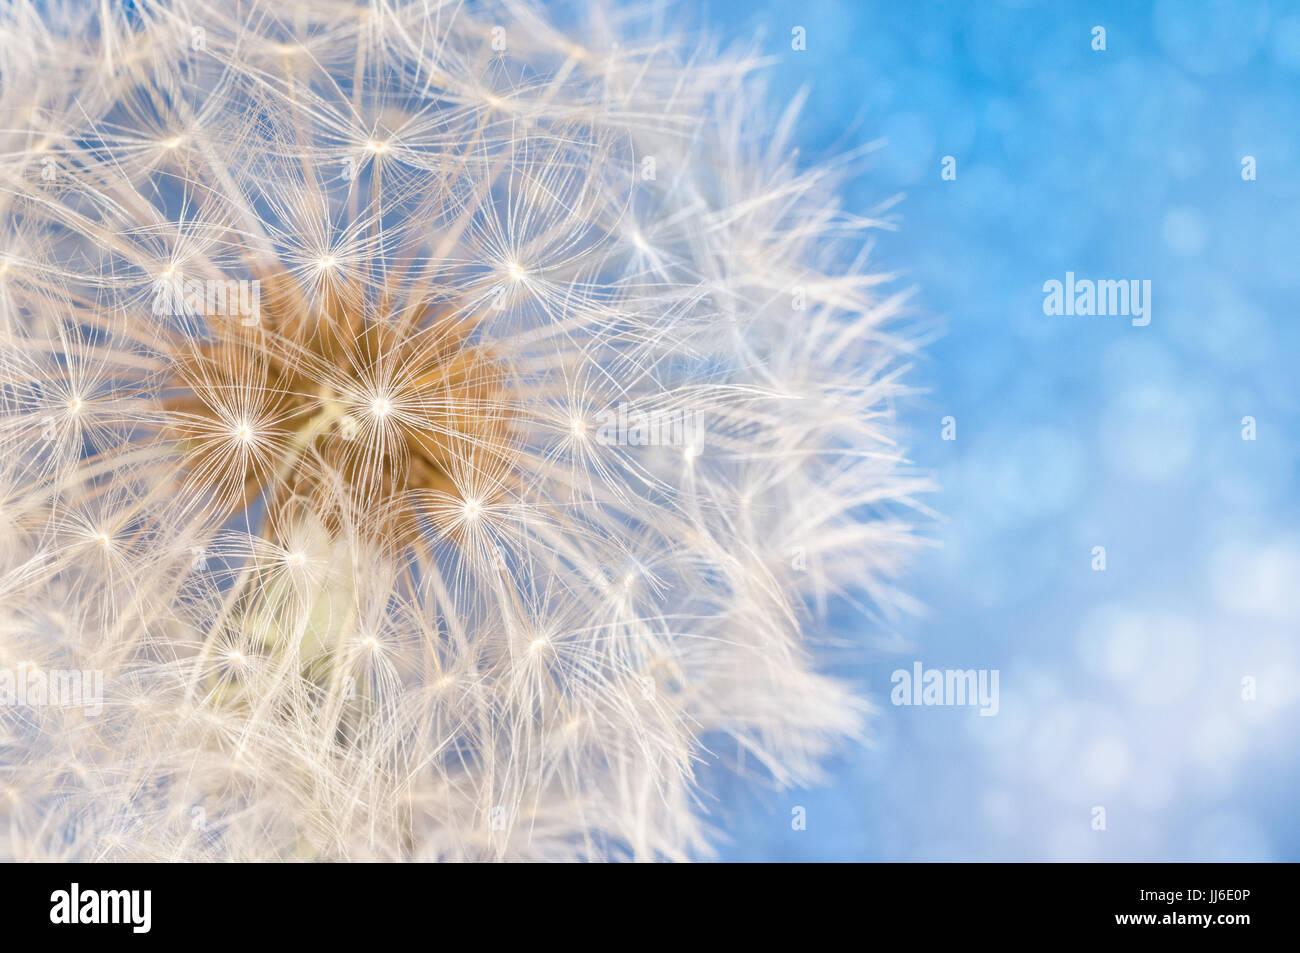 Fiore di tarassaco con semi sfera vicino fino in blu luminoso sfondo bokeh di fondo Immagini Stock